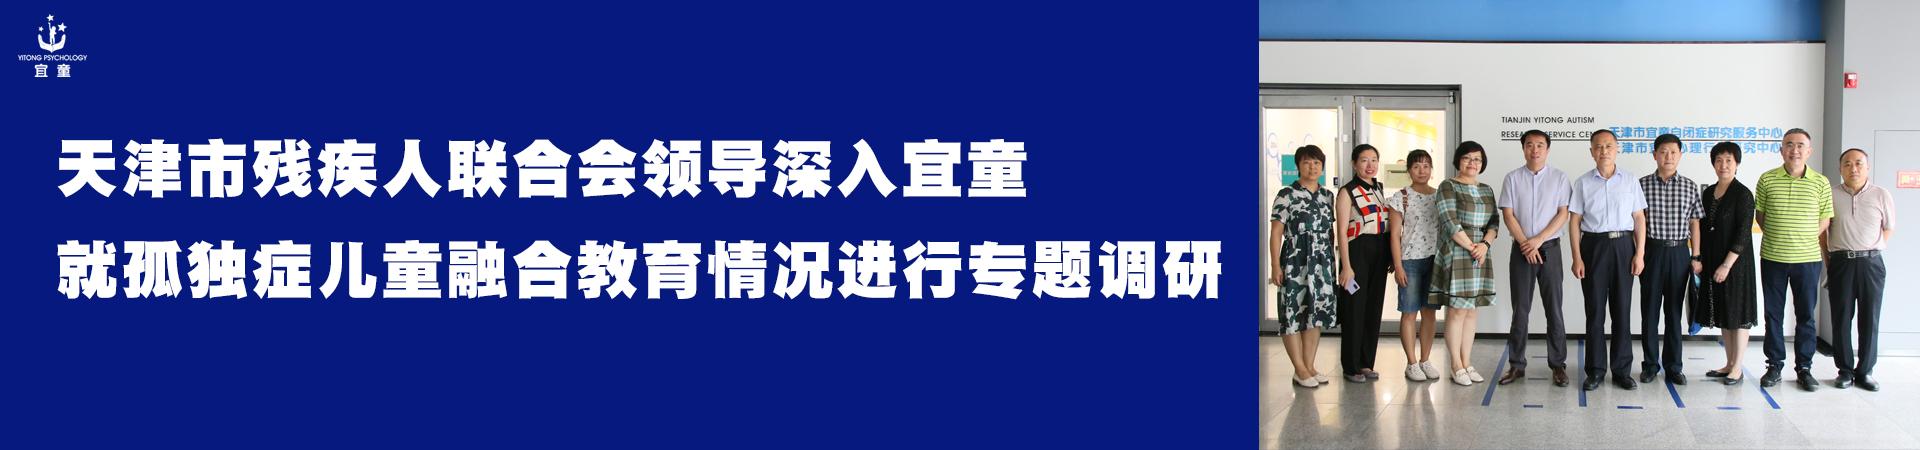 天津市残疾人联合会领导深入宜童 就孤独症儿童融合教育情况进行专题调研